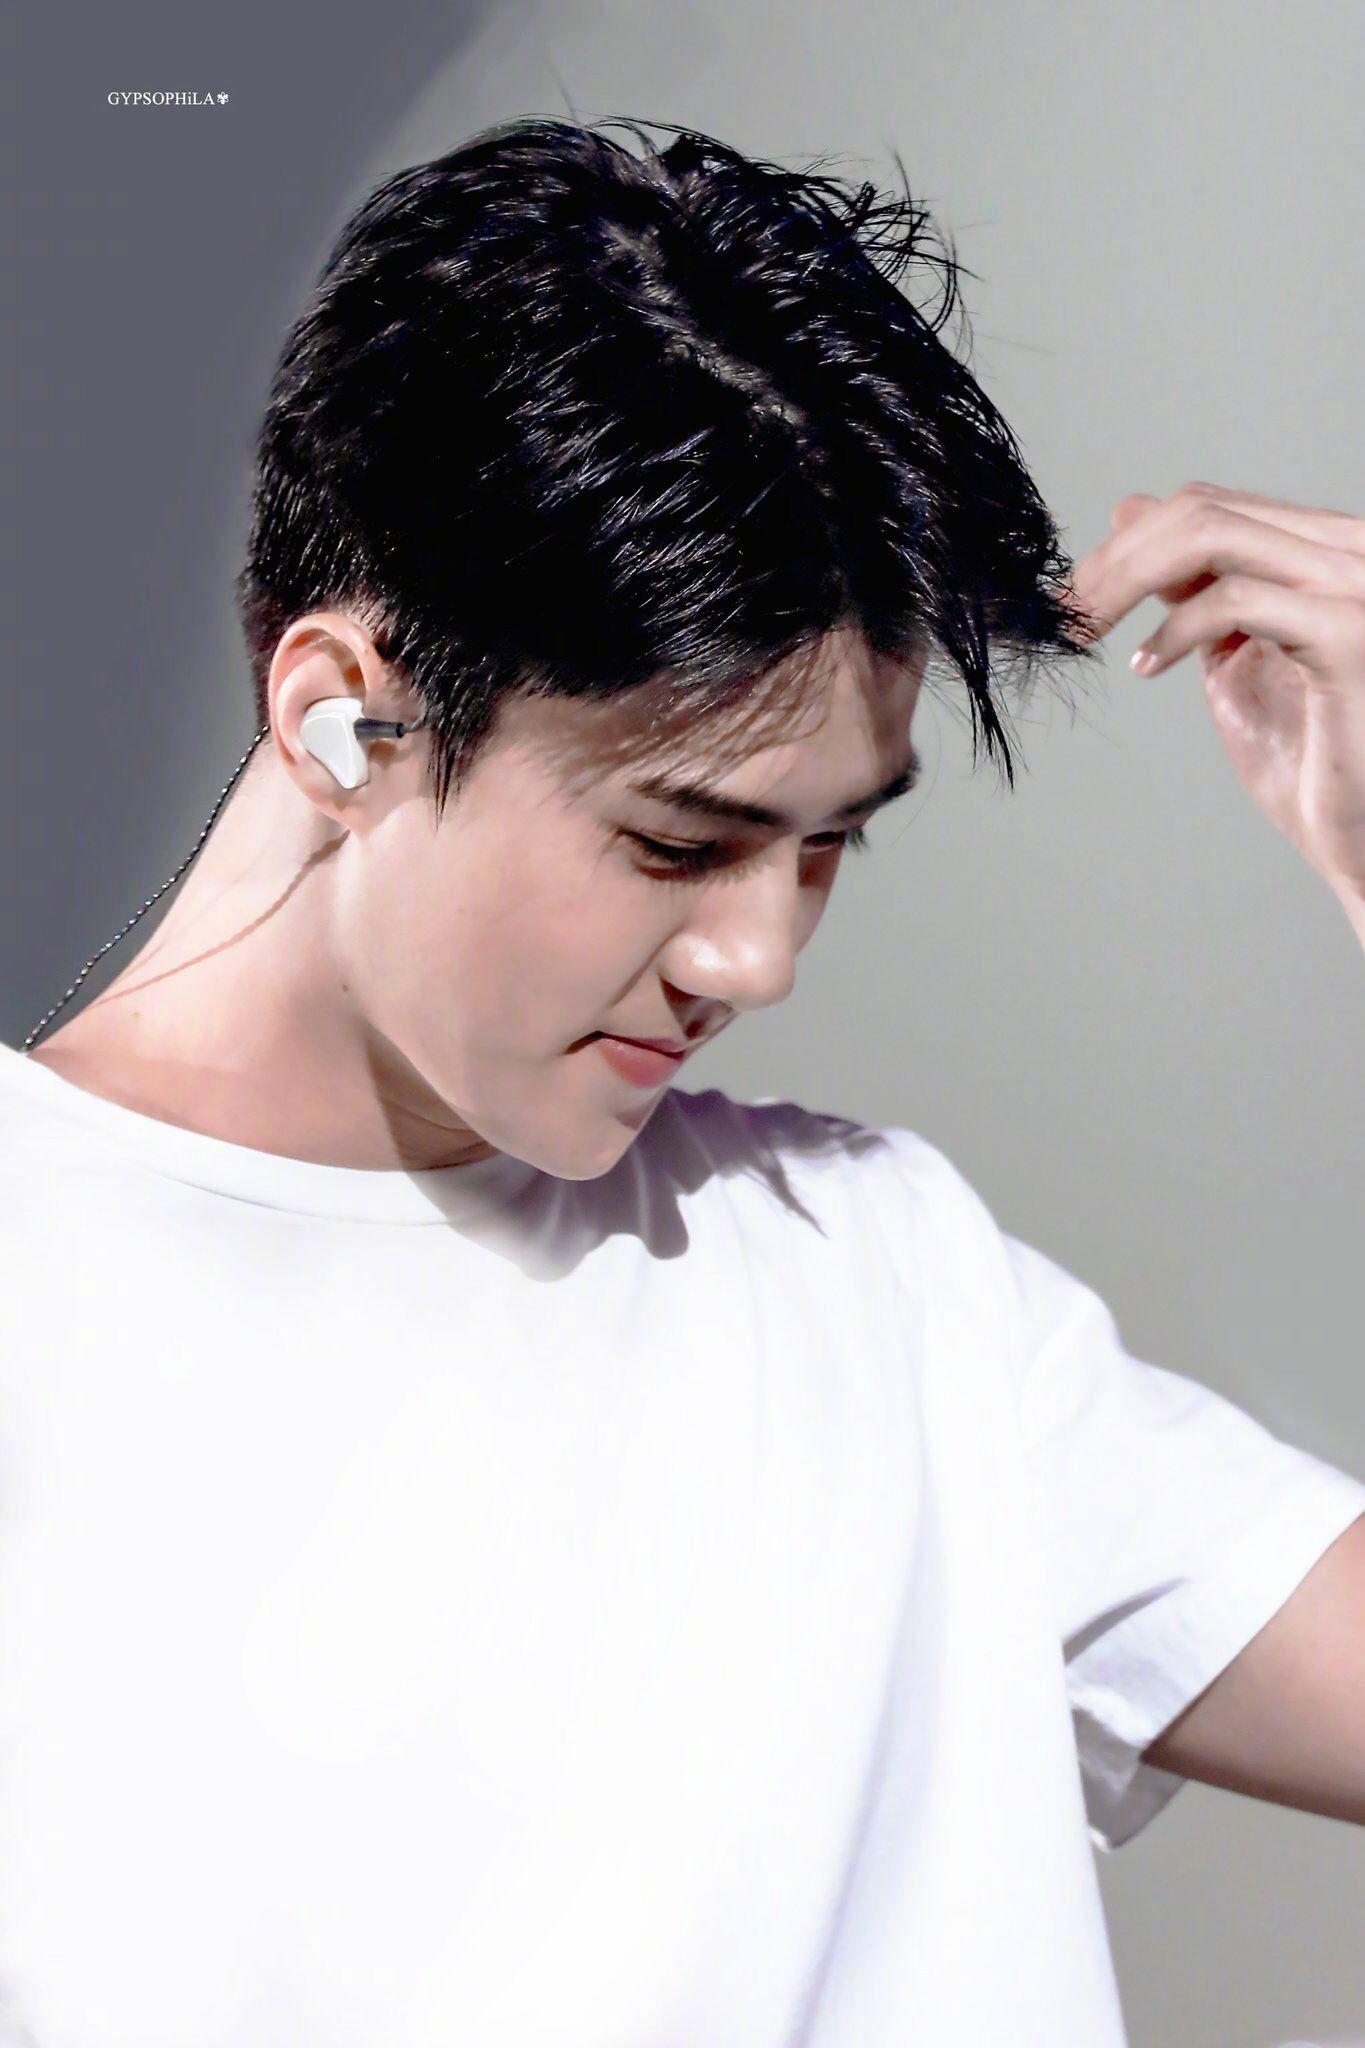 Oh Sehun Pics On Twitter In 2020 Sehun Cute Exo Sehun Sehun